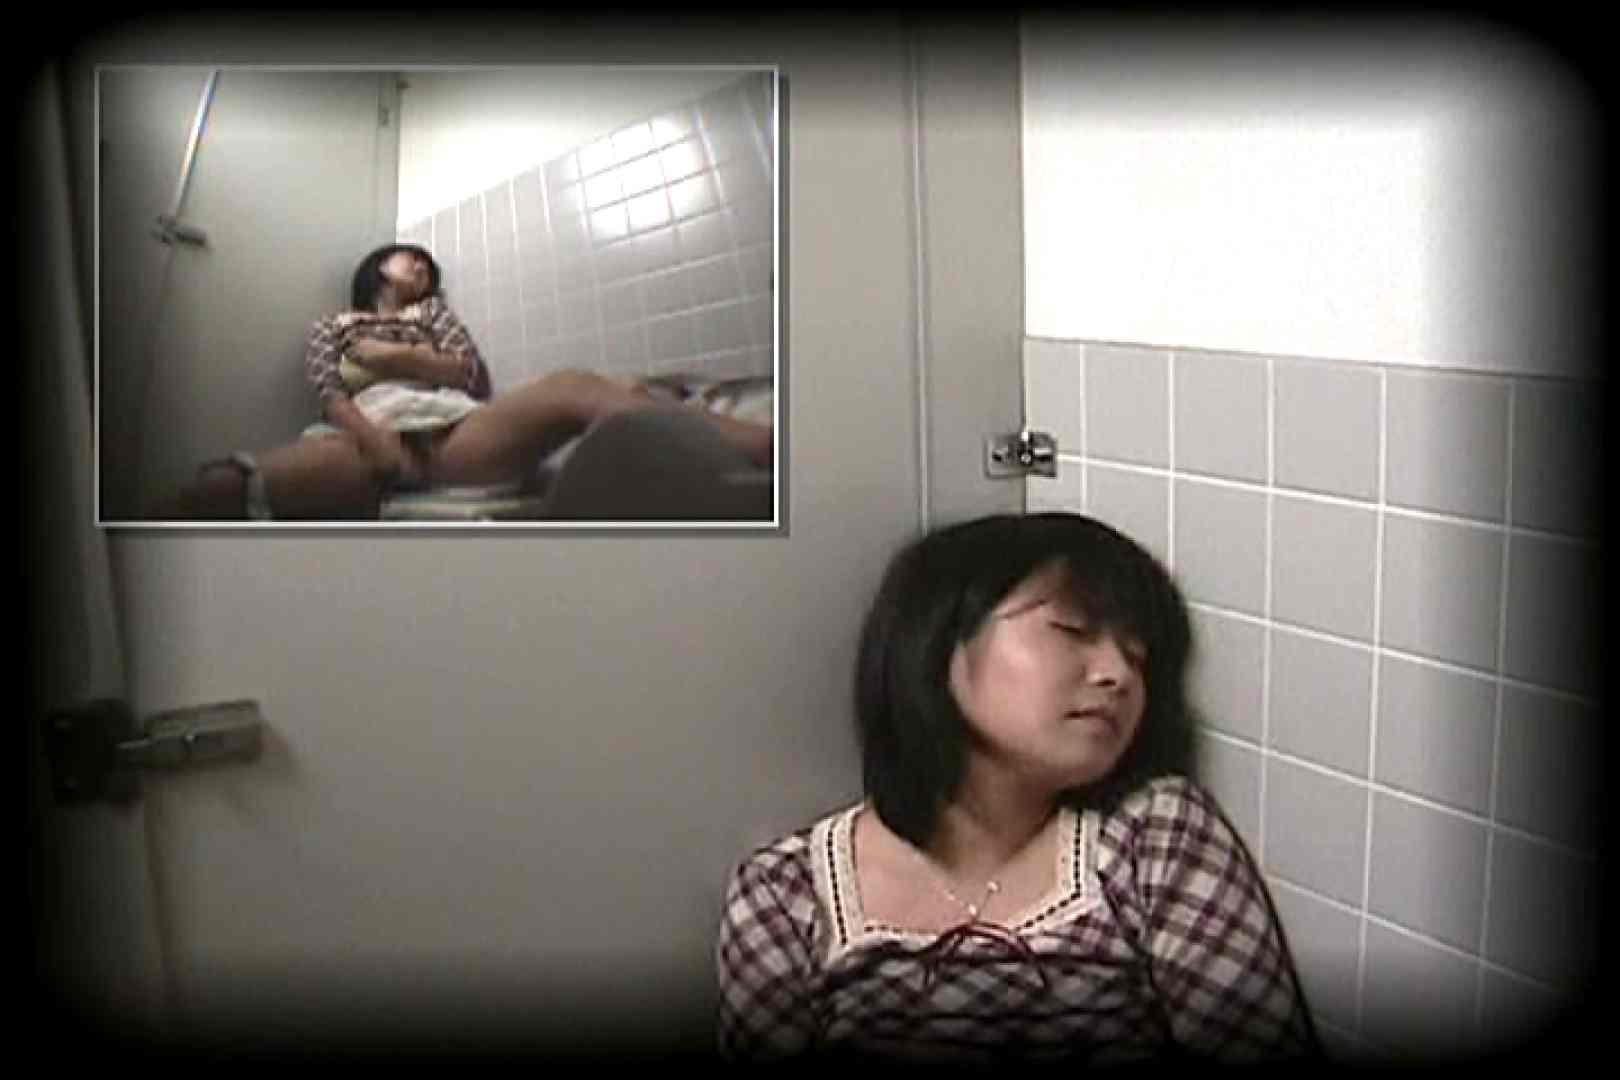 自慰天国女子洗面所Vol.1 オナニー | 盗撮  31pic 21